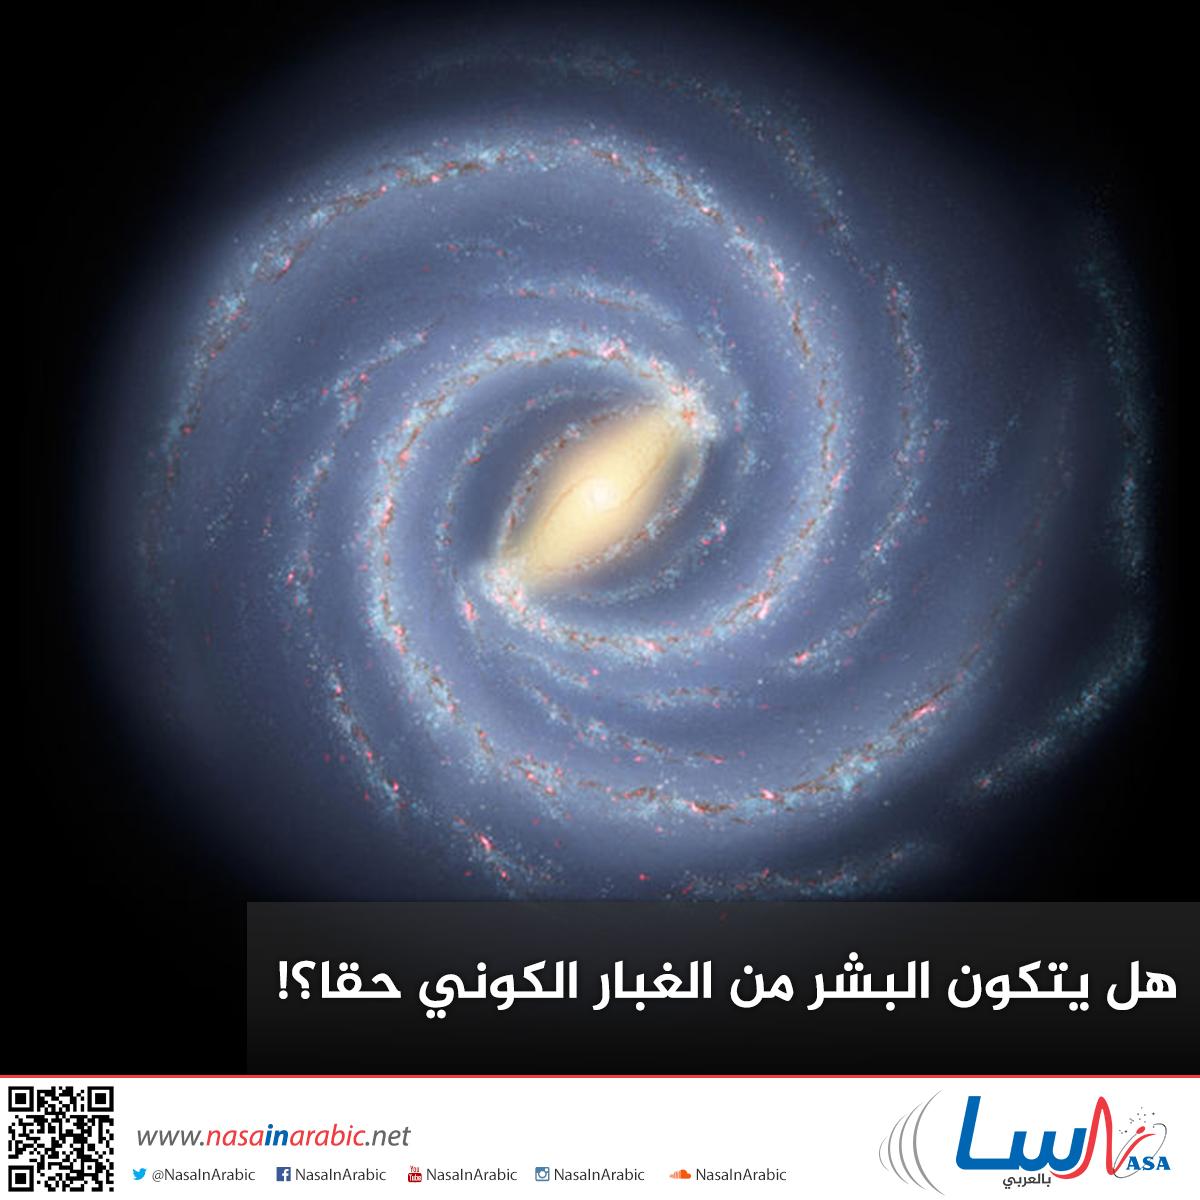 هل يتكون البشر من الغبار الكوني حقا؟!